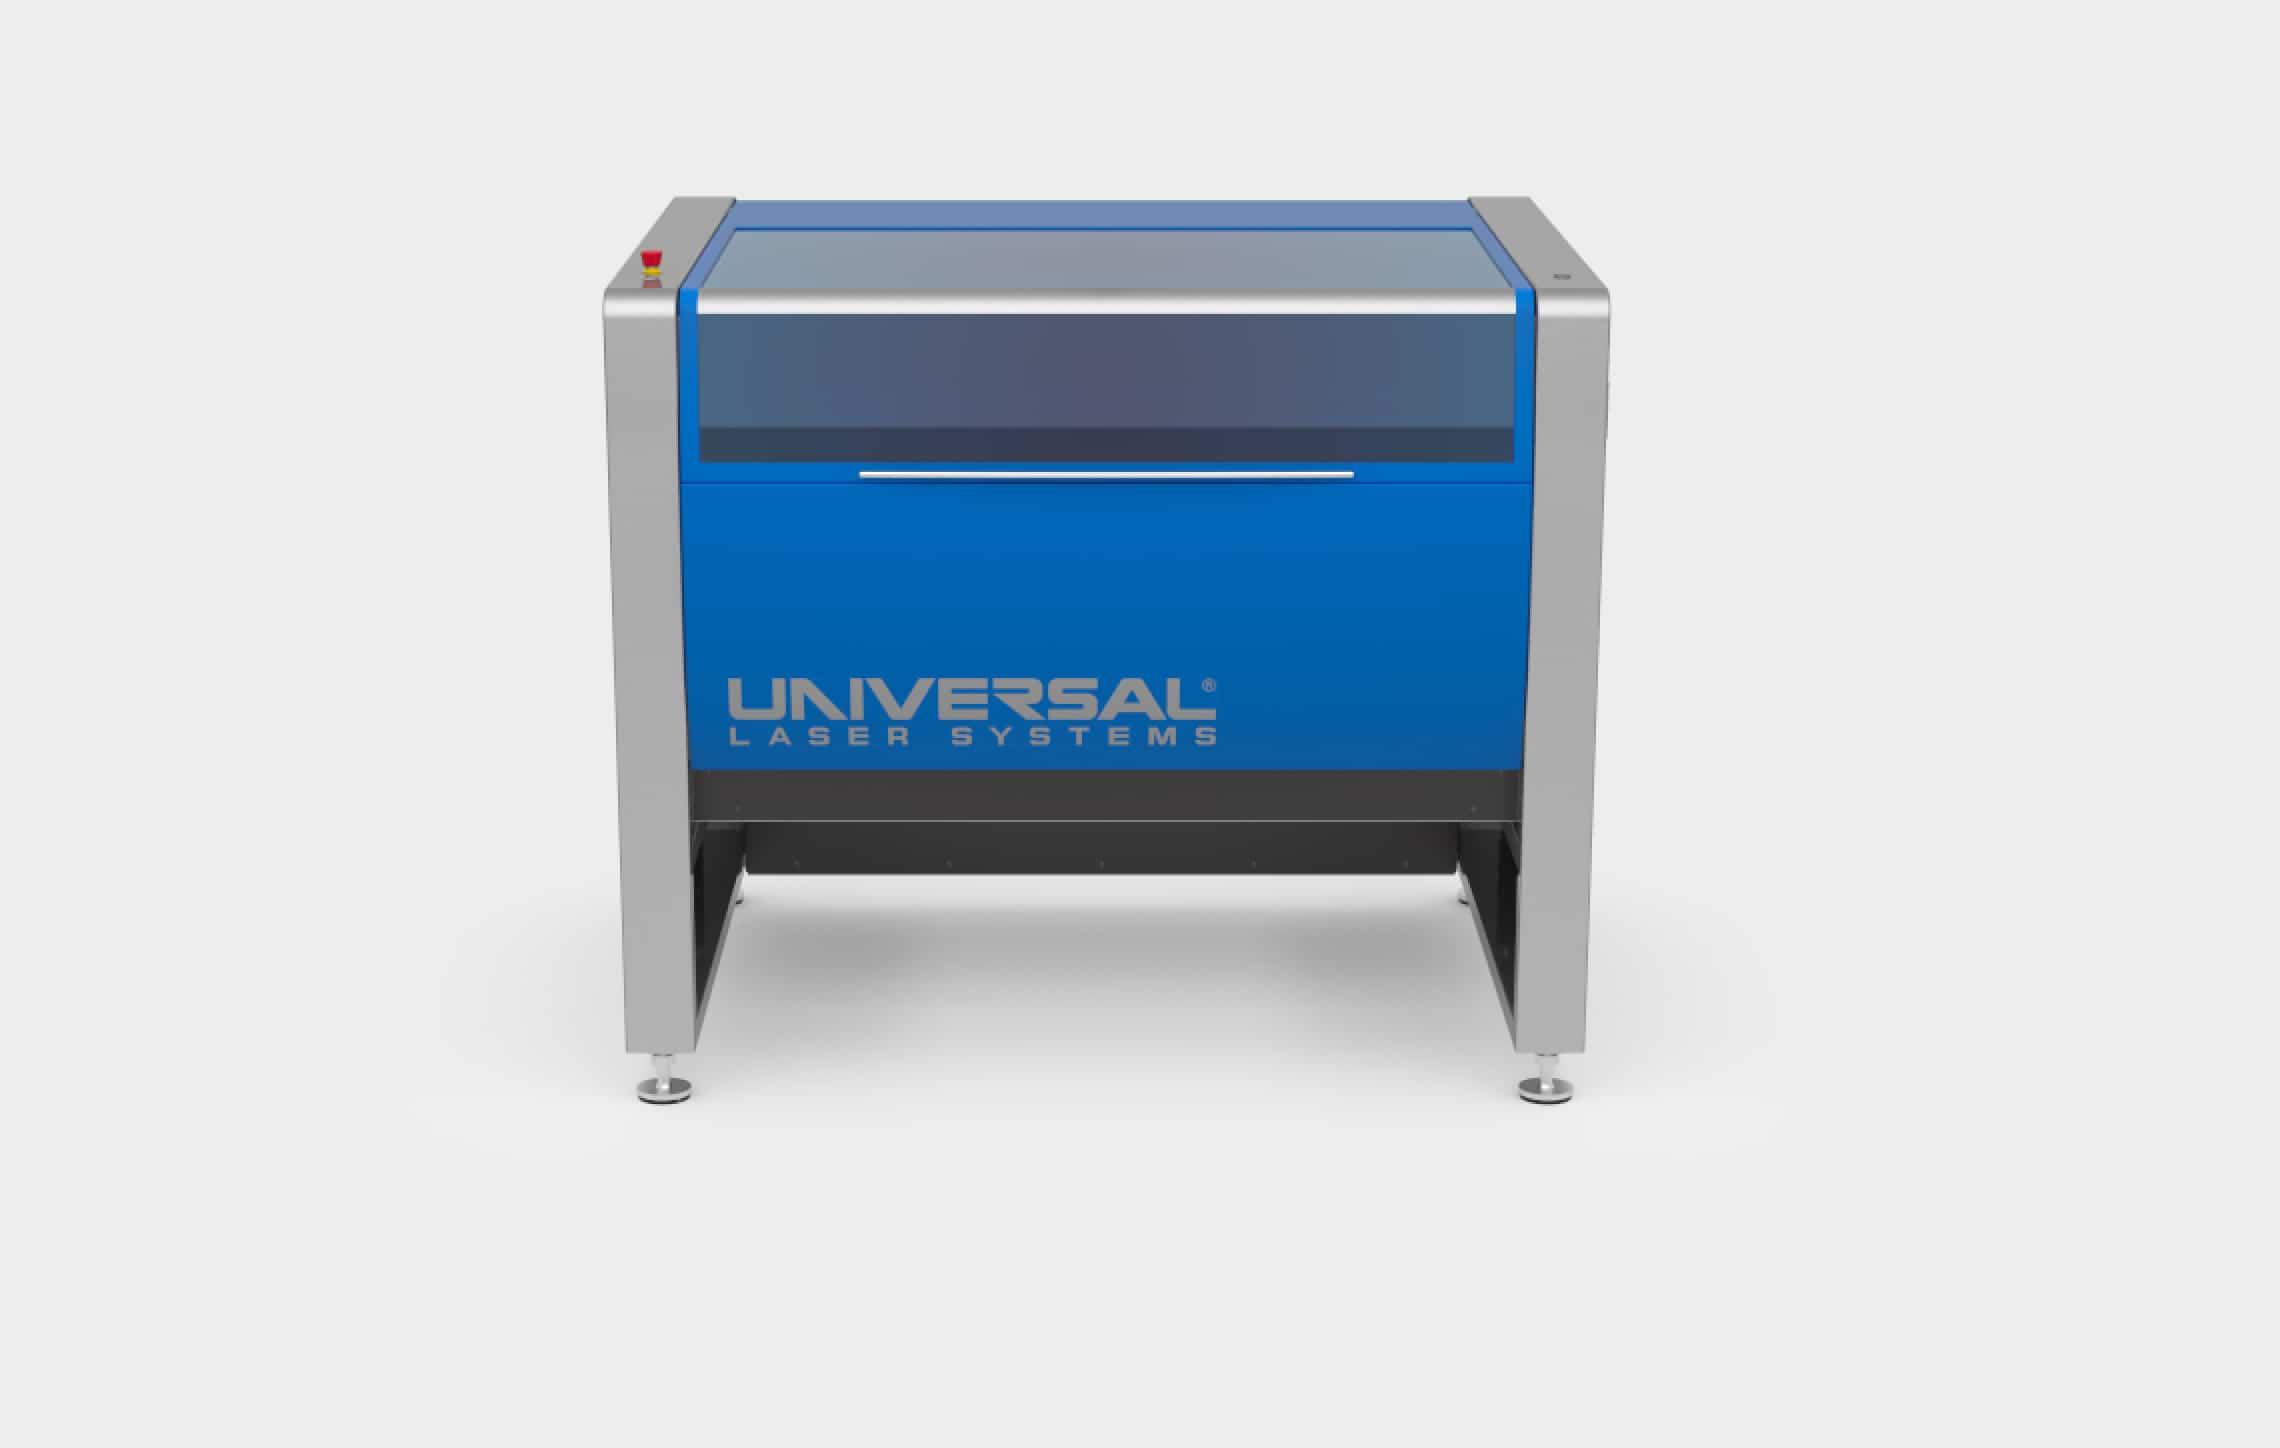 Ultra 5000 laser